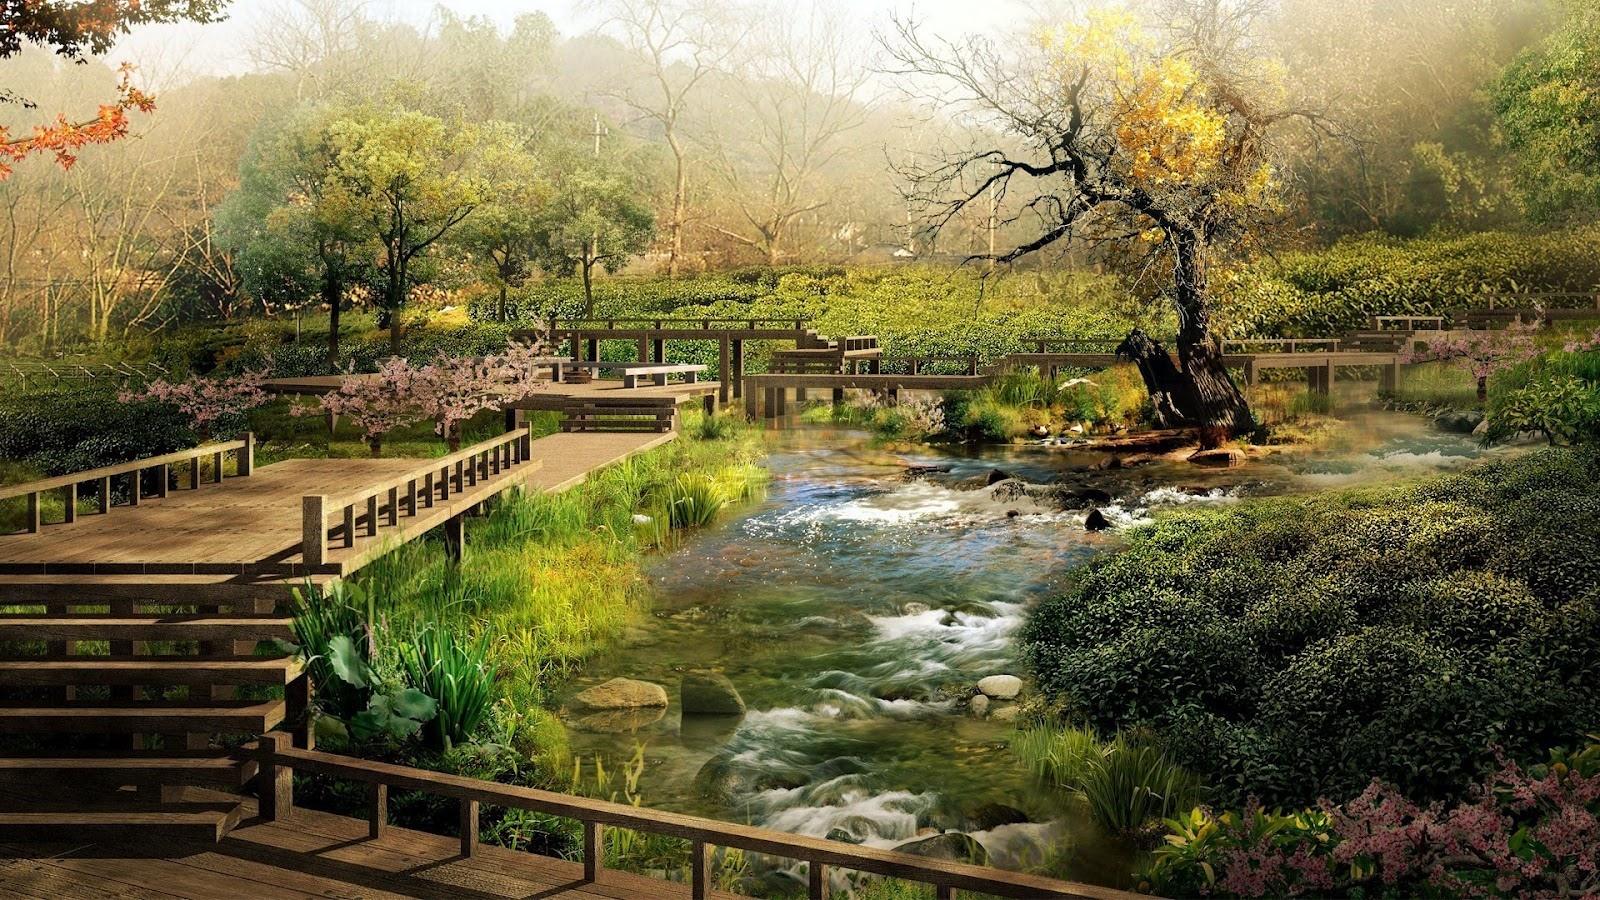 Download Best Nature Desktop Wallpapers Gallery 1600x900